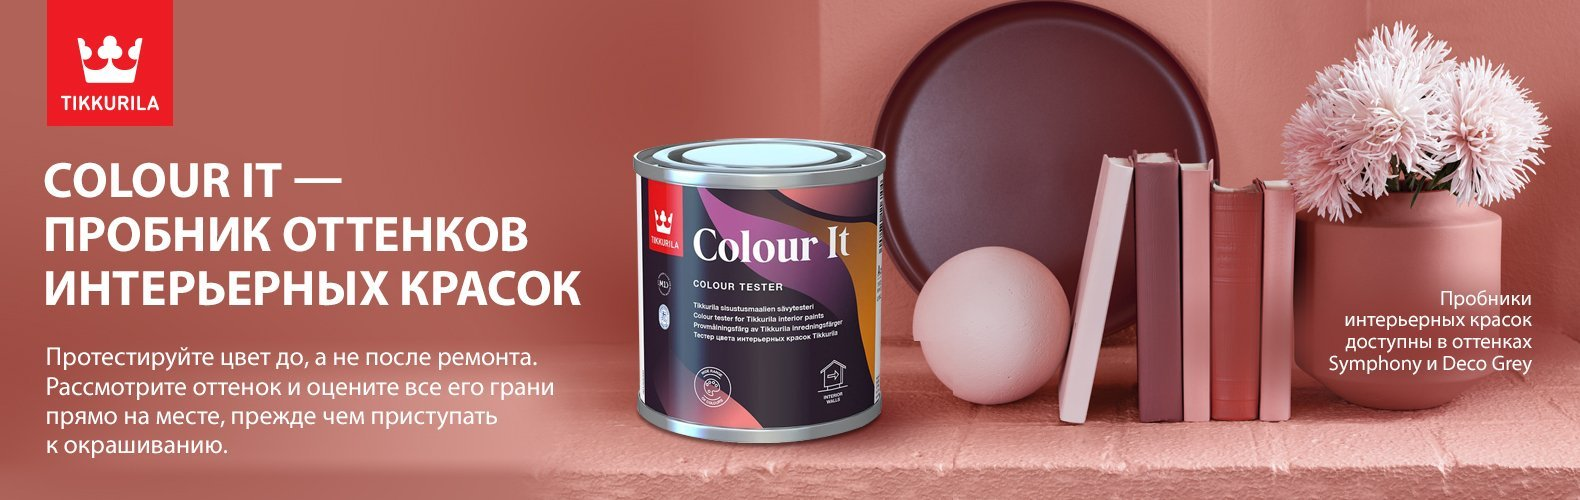 Probniki Tikkurila Colour It